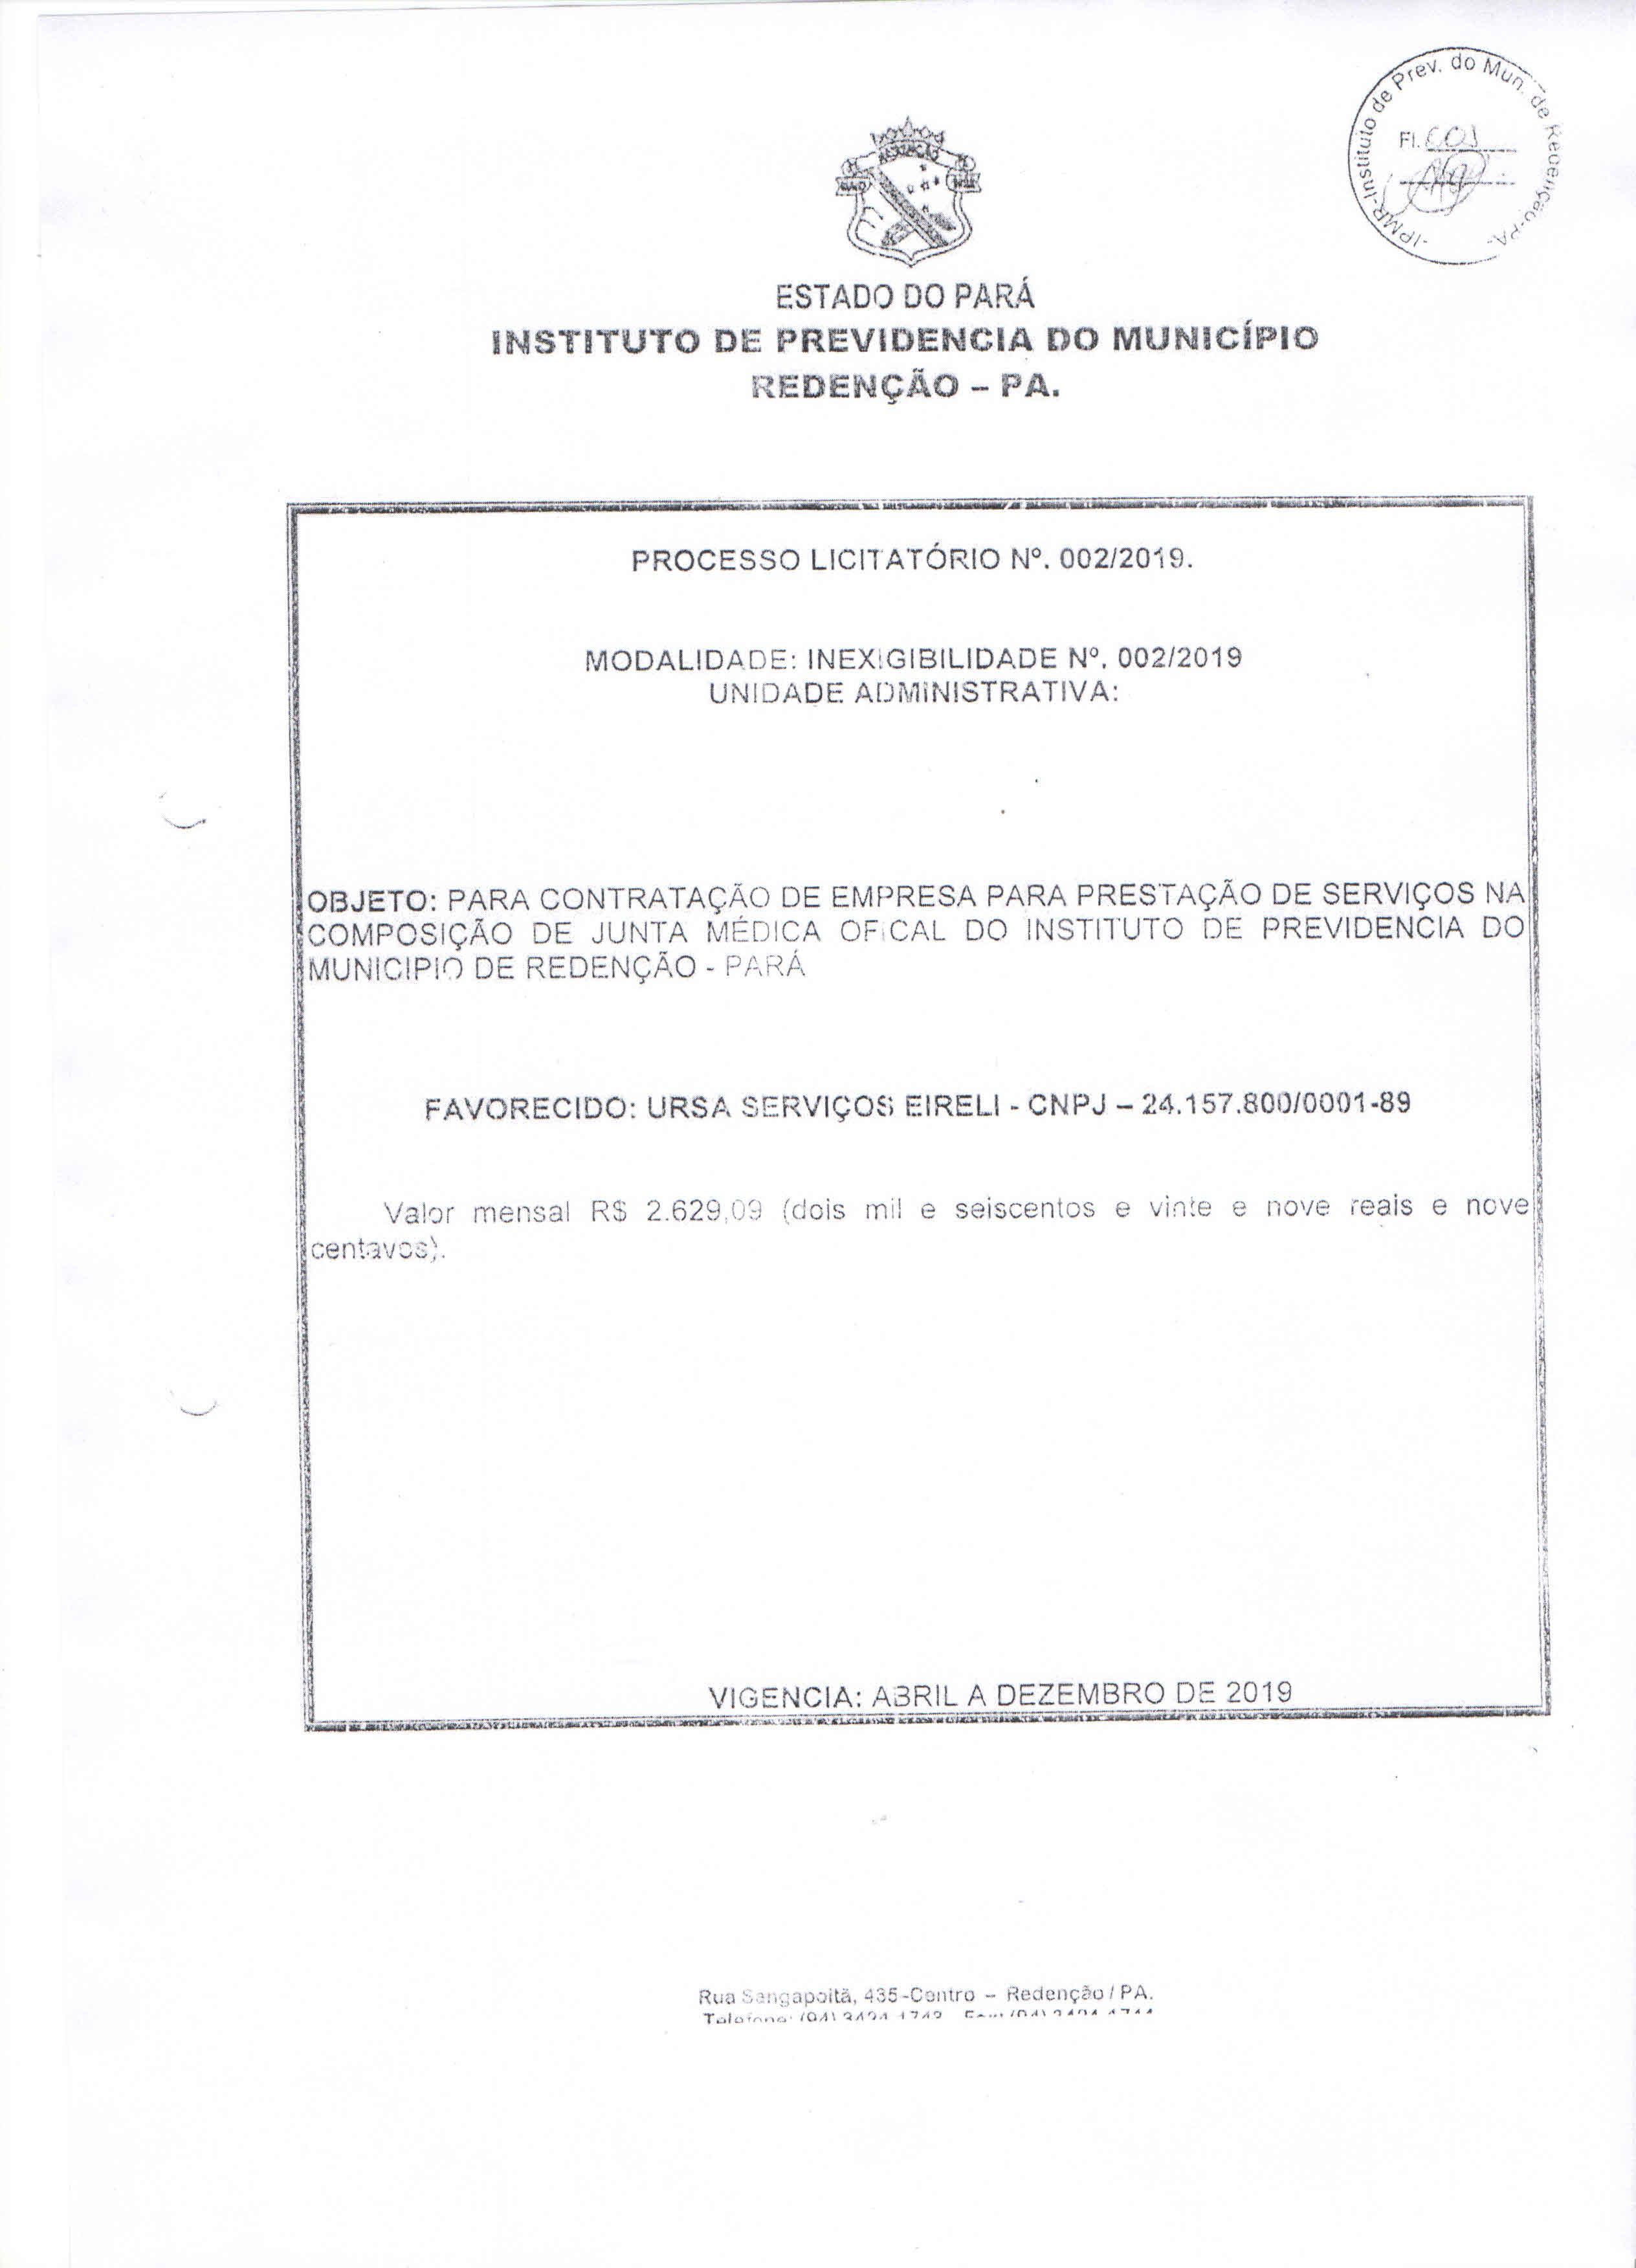 Licitação 002/2019 – PARA CONTRATAÇÃO DE EMPRESA PARA PRESTAÇÃO DE SERVIÇOS NA COMPOSIÇÃO DE JUNTA MÉDICA OFICIAL DO INSTITUTO DE PREVIDÊNCIA DO MUNICÍPIO DE REDENÇÃO – PARÁ